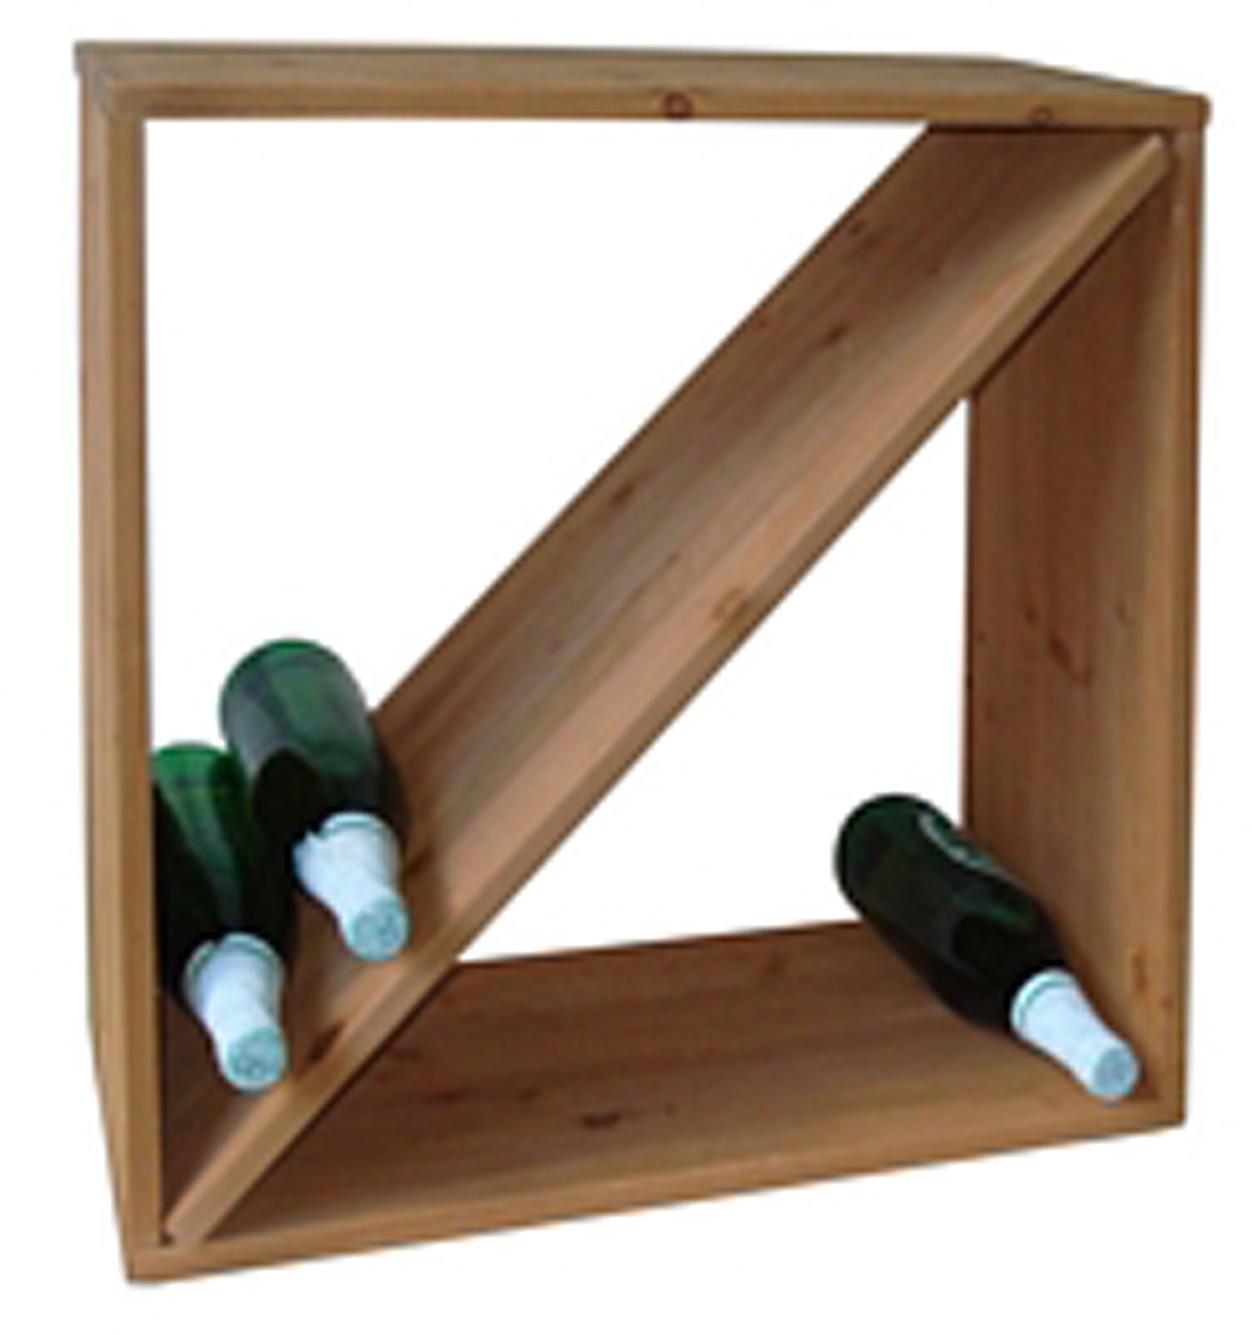 holz weinregal wein regal weinst nder weinhalter neu ebay. Black Bedroom Furniture Sets. Home Design Ideas